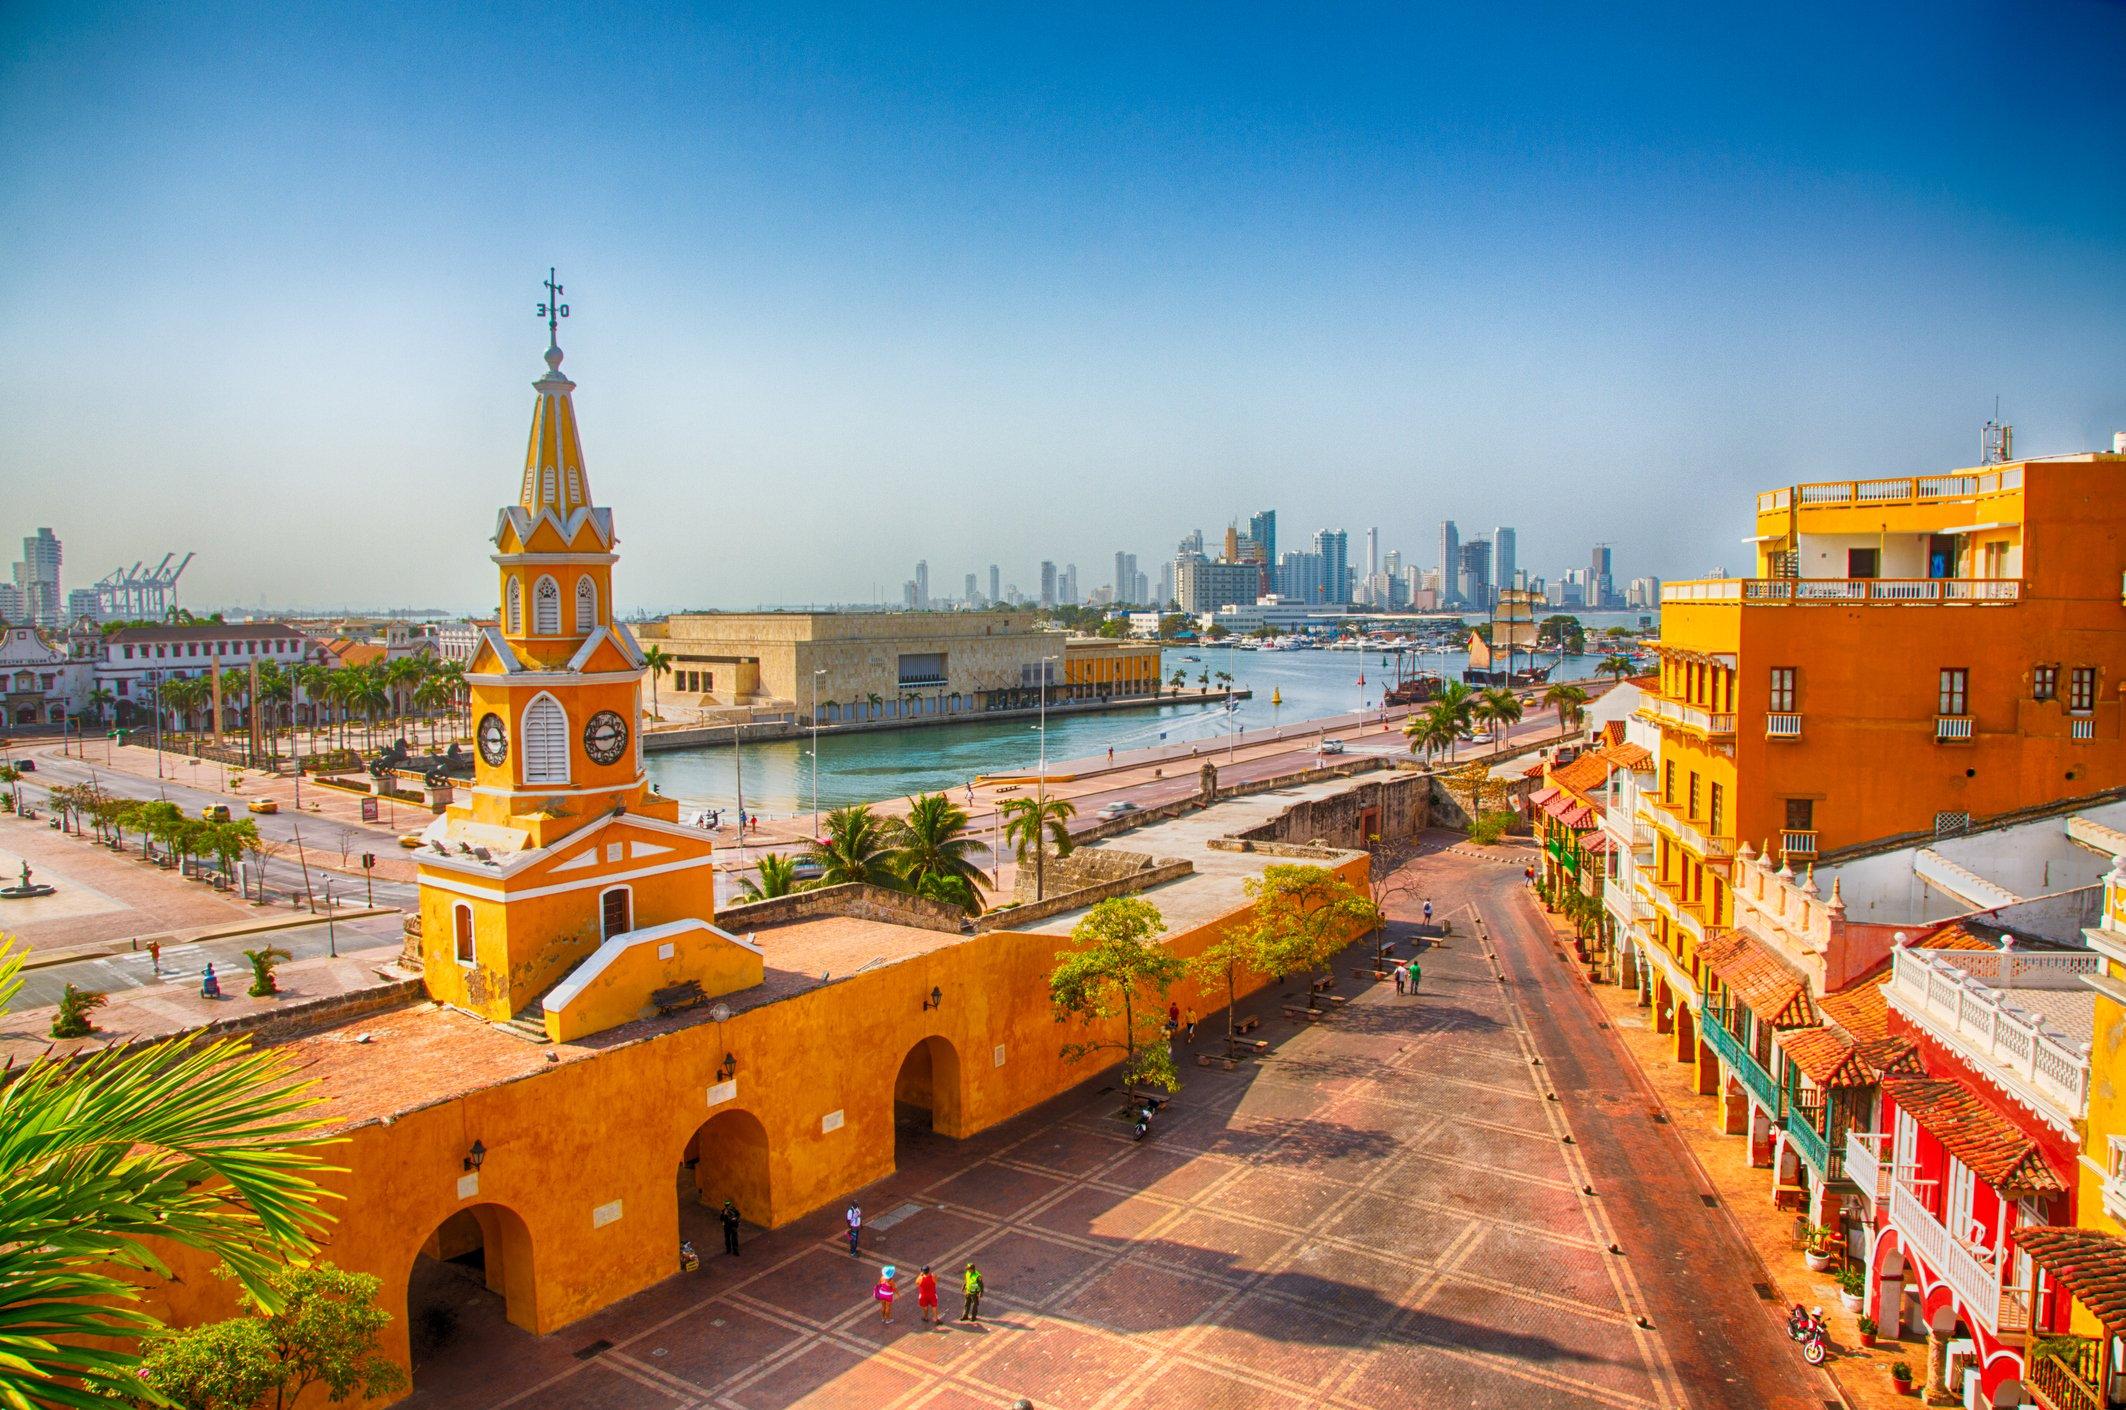 Vista aérea de la Torre del Reloj en Cartagena de Indias, Colombia